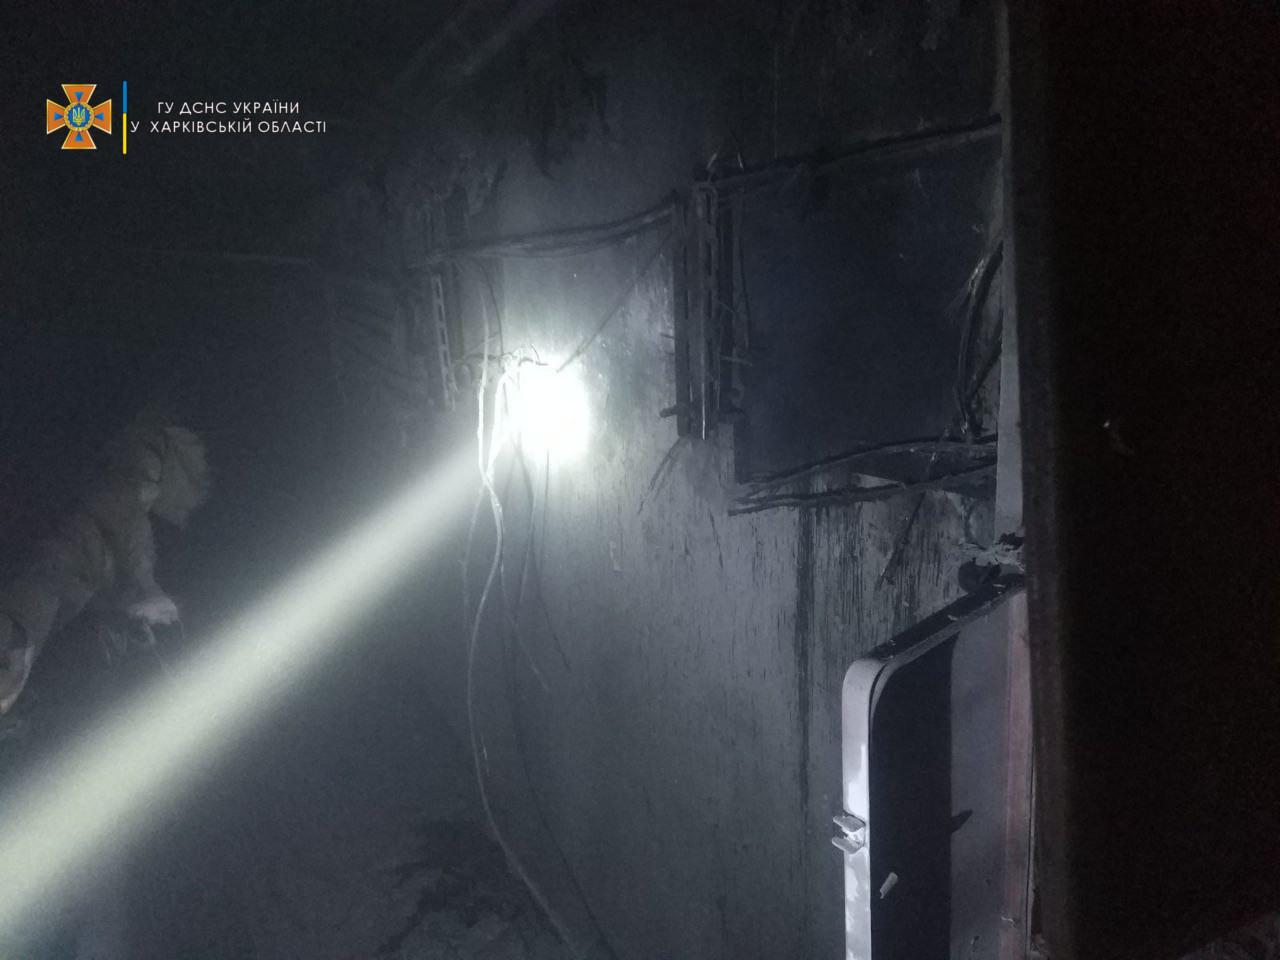 Пожар в Харькове: Во время пожара на улице Большая Кольцевая, 138 в лифте застряла женщина